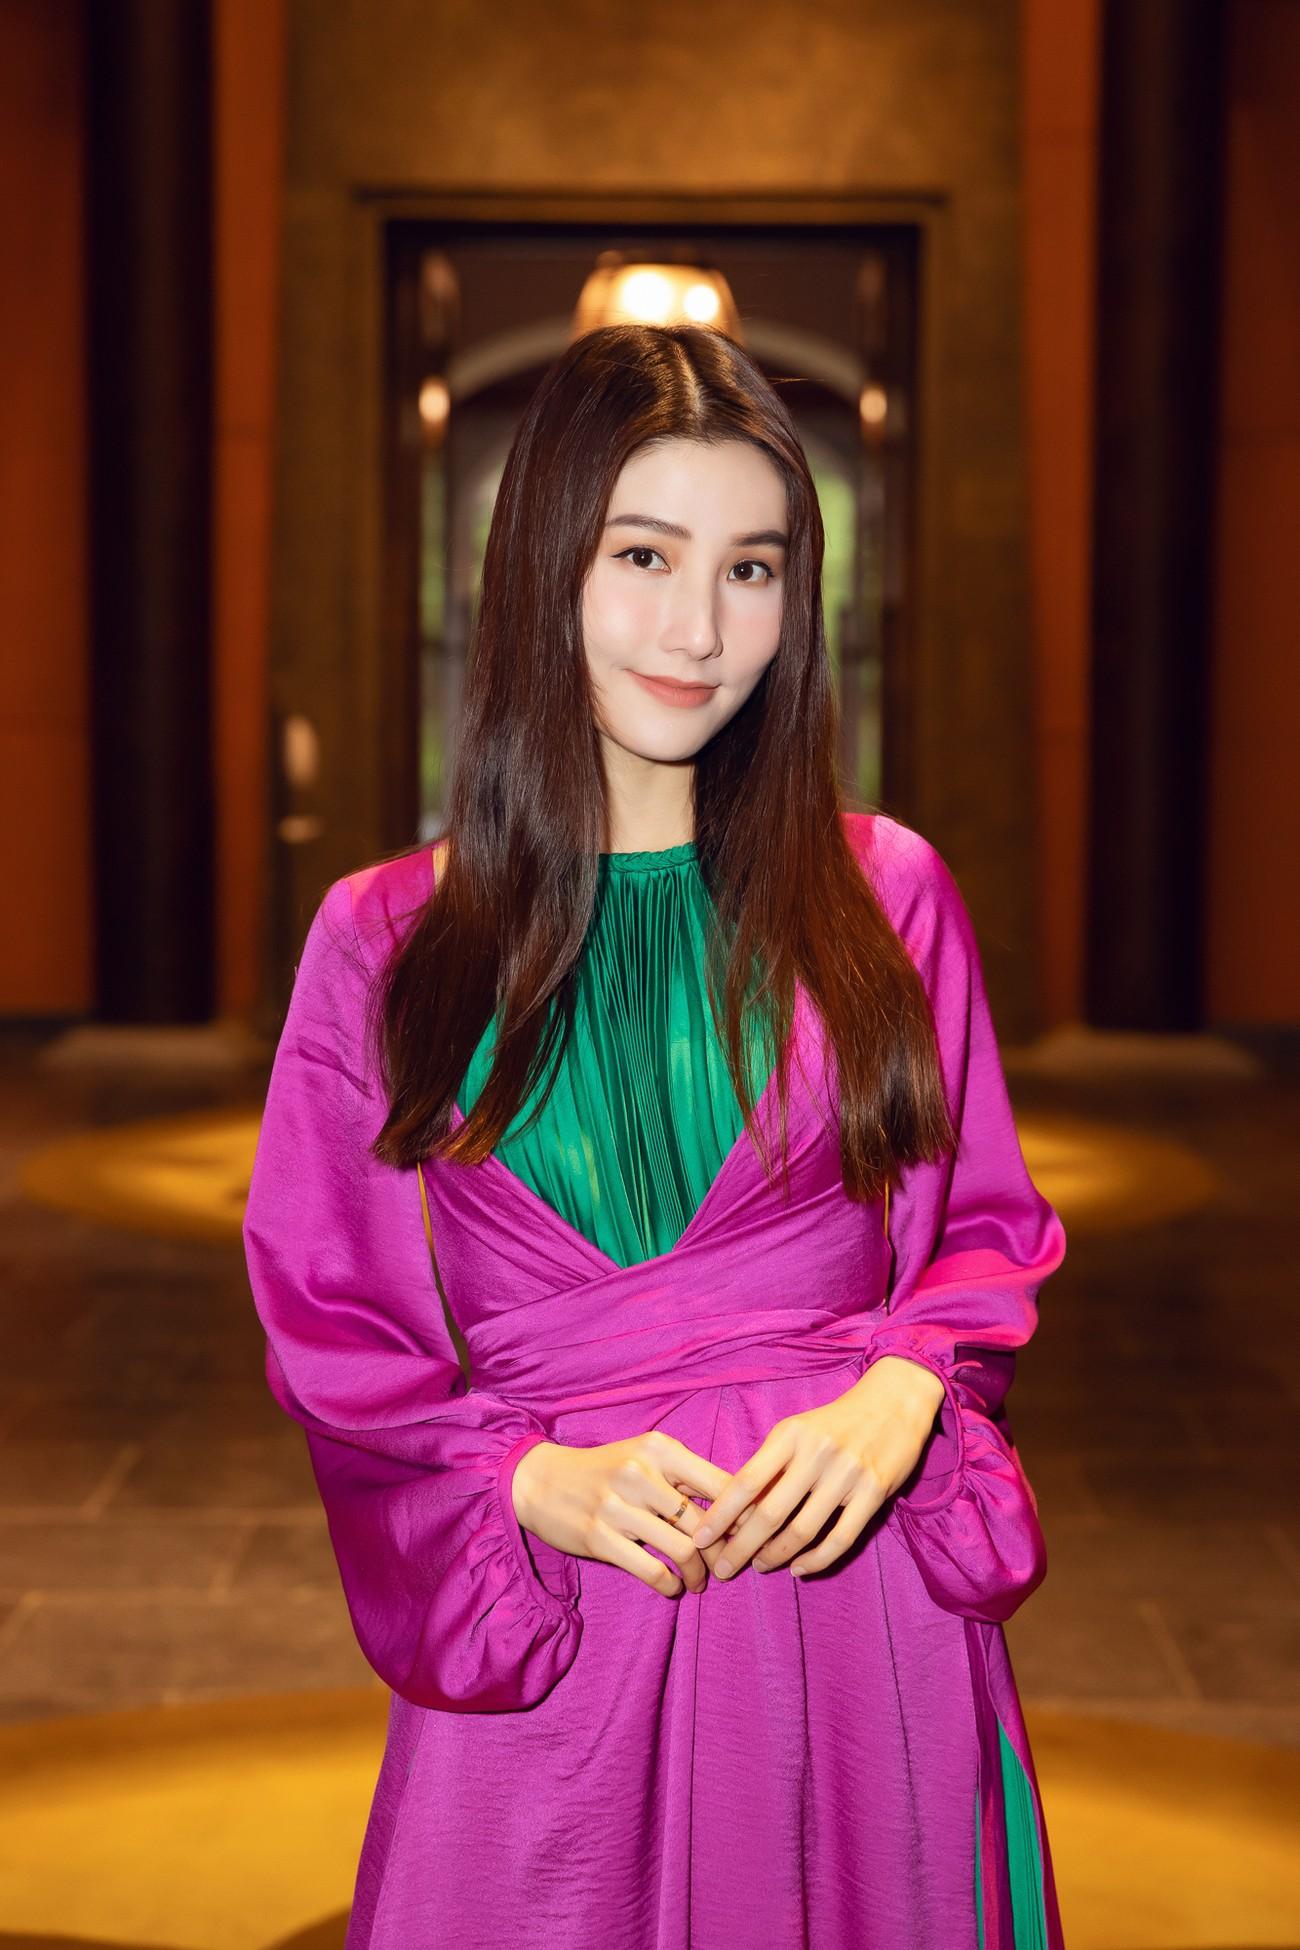 Tiểu Vy, Đỗ Mỹ Linh cùng dàn hậu mặc váy yếm quyến rũ giữa tiết trời lạnh giá ảnh 15